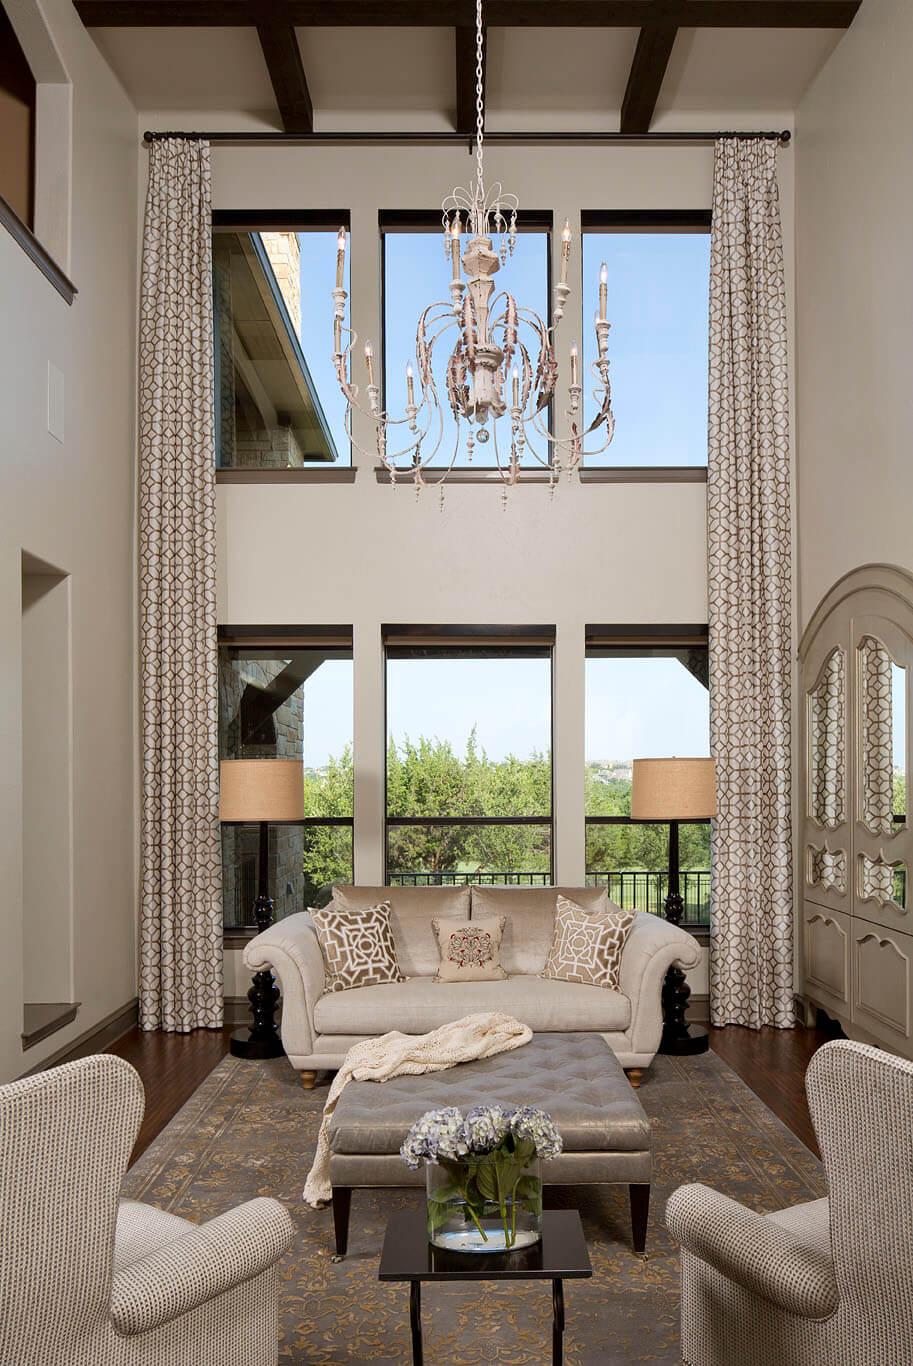 Steiner Ranch Living Room | Robin Colton Interior Design Studio Austin Texas | www.robincolton.com